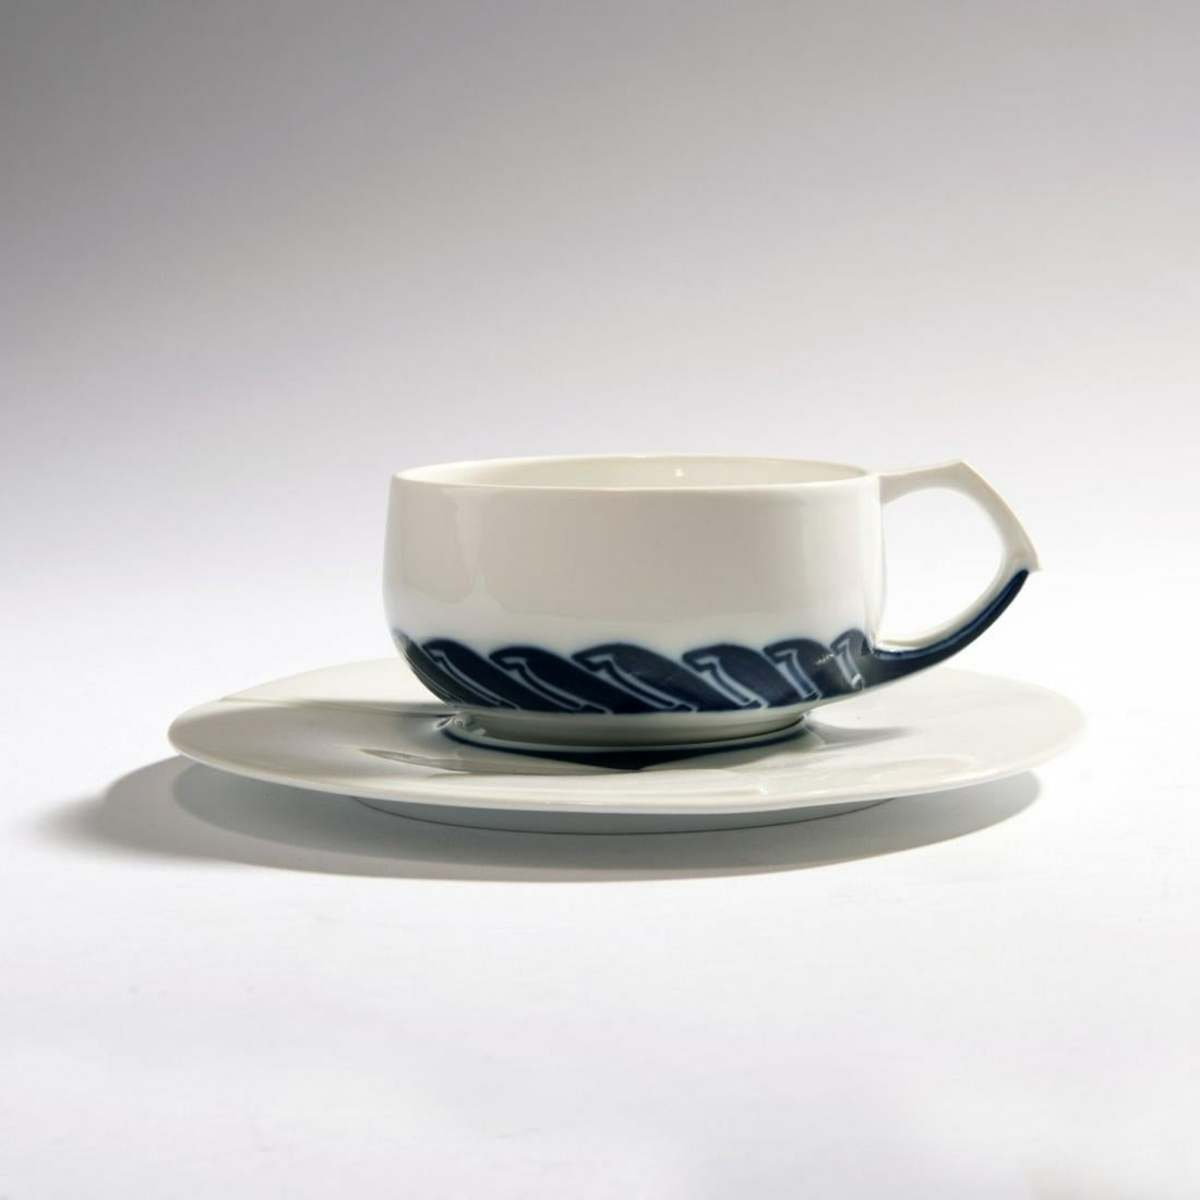 Henry van de Velde teacup and saucer, 1903/04, made by KPM Meissen before 1924, porcelain, relief, white, glazed, cobalt underglaze. Marked: Maker's mark, 71 (blue, under glaze, two strokes), artist's mark (embossed), $3,900.